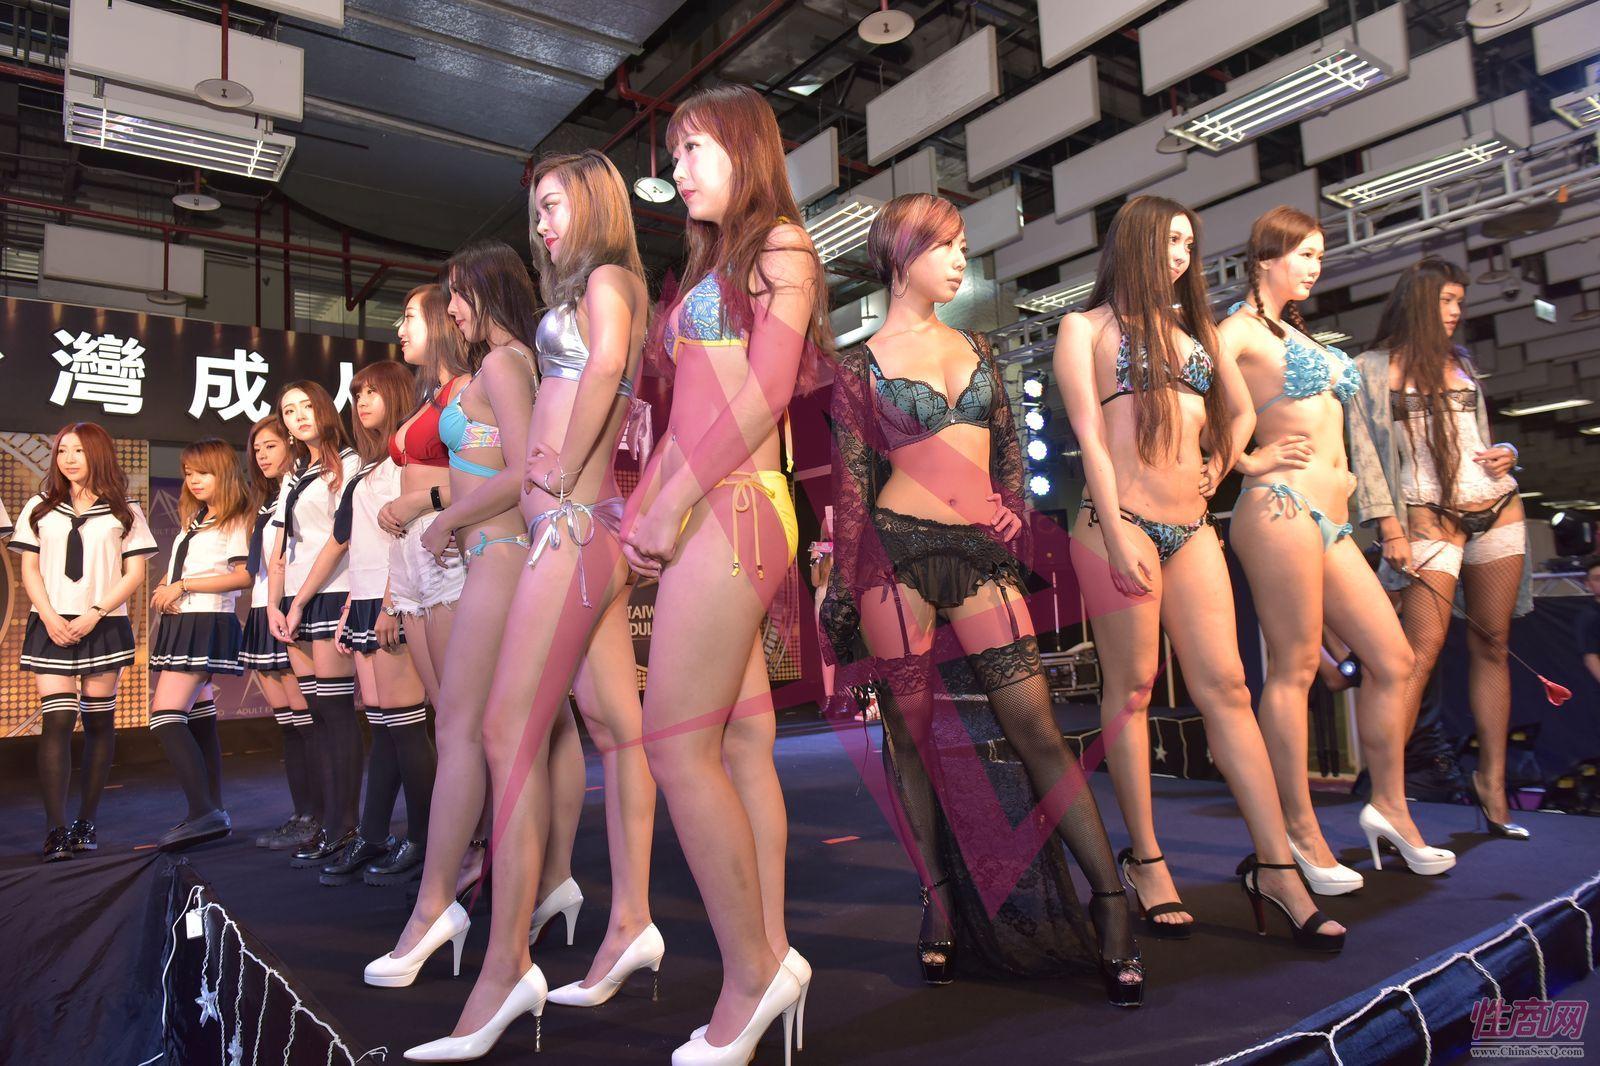 主办方还邀请了众多台湾本土知名模特嘉宾助阵